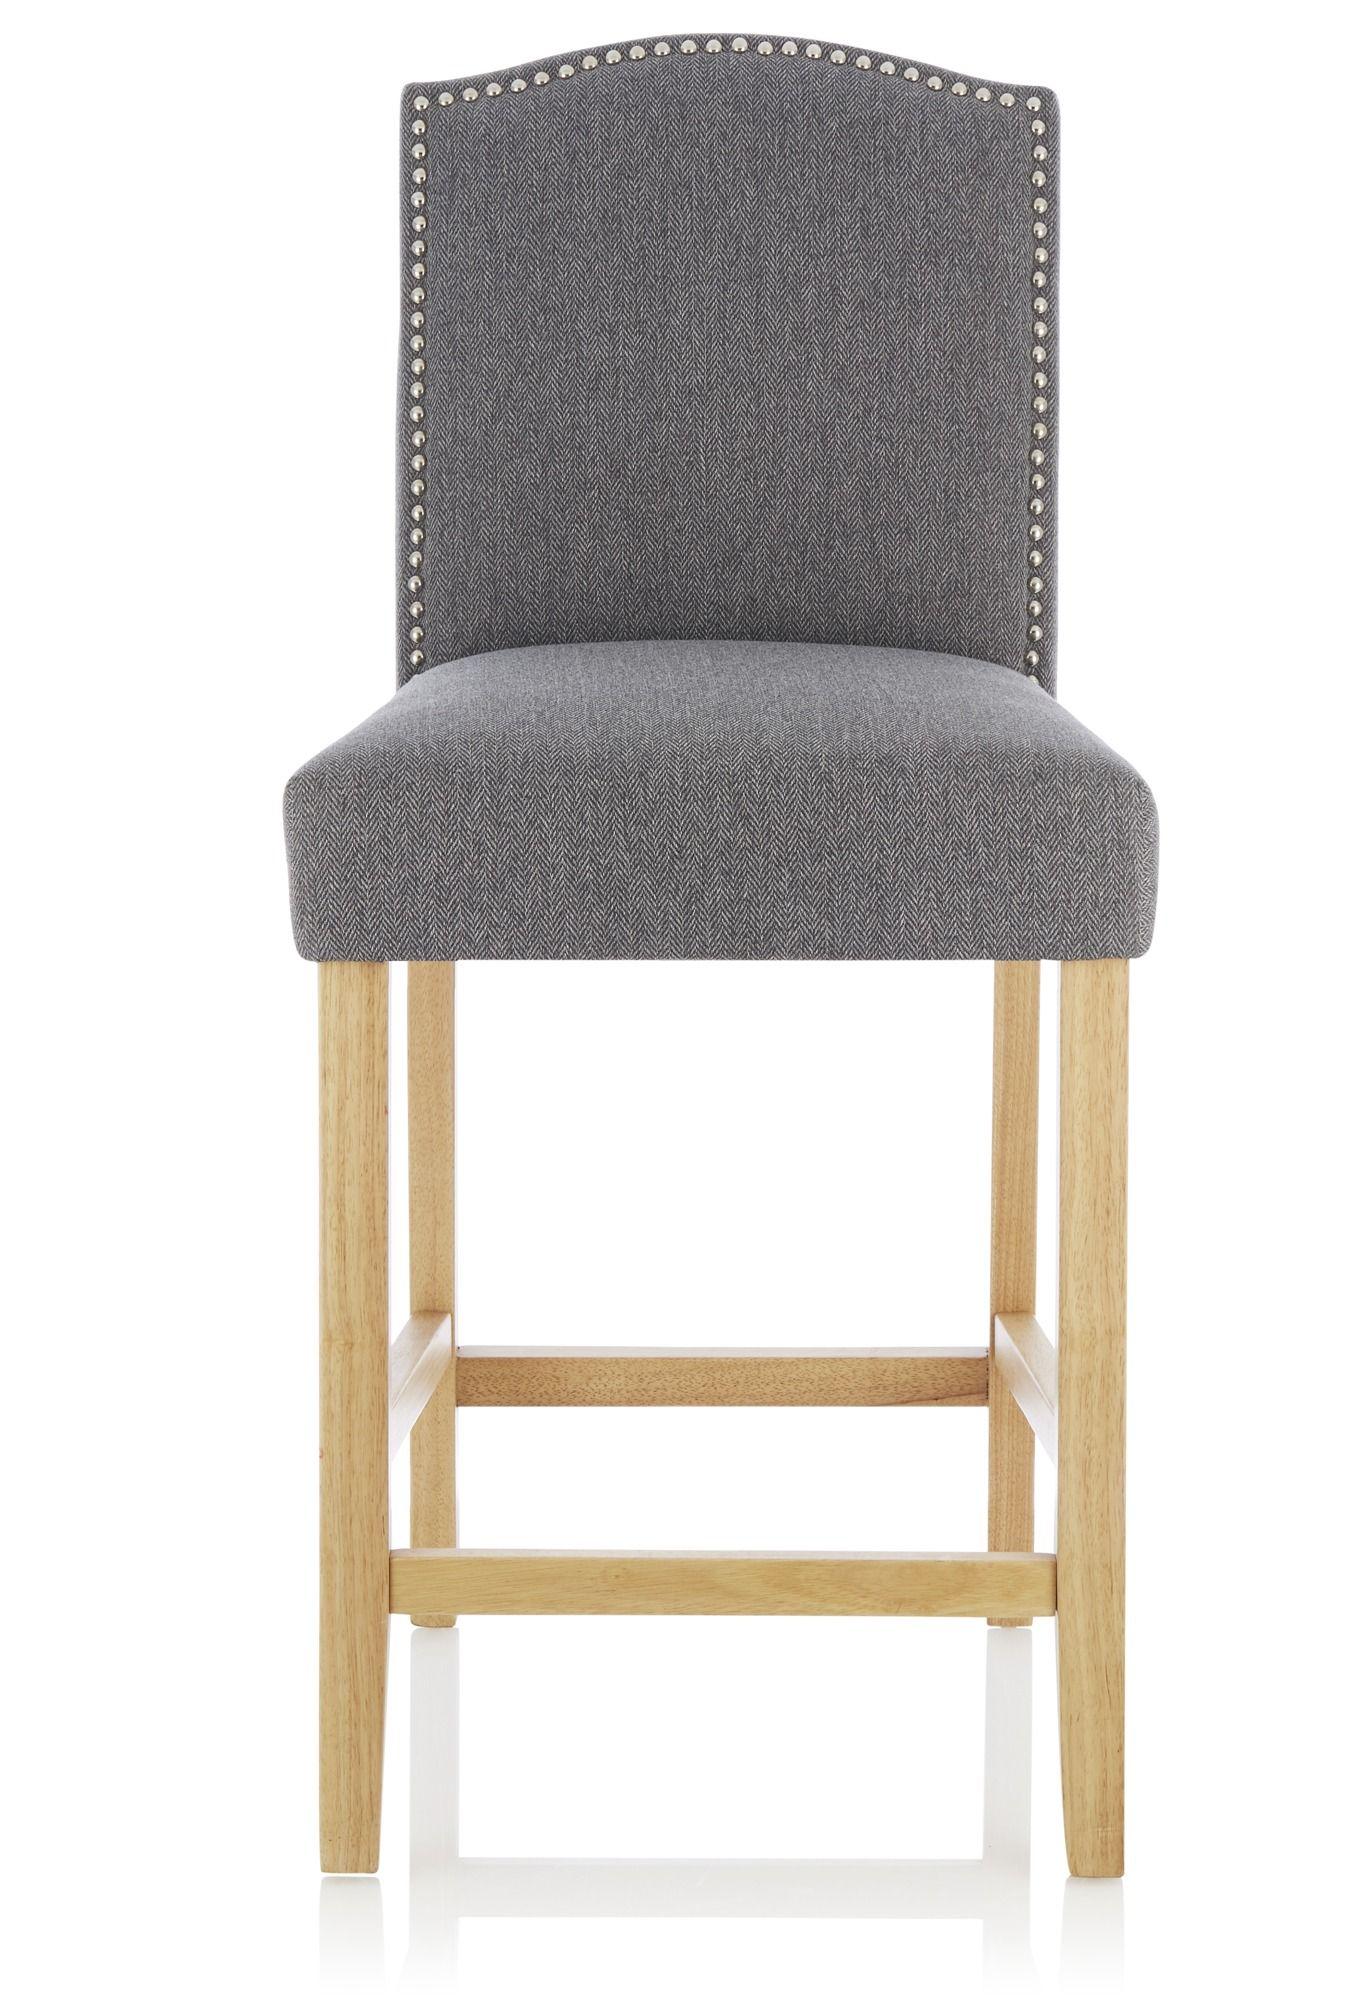 Alice Oak and Grey Herringbone Fabric Bar stool  BAR STOOLS